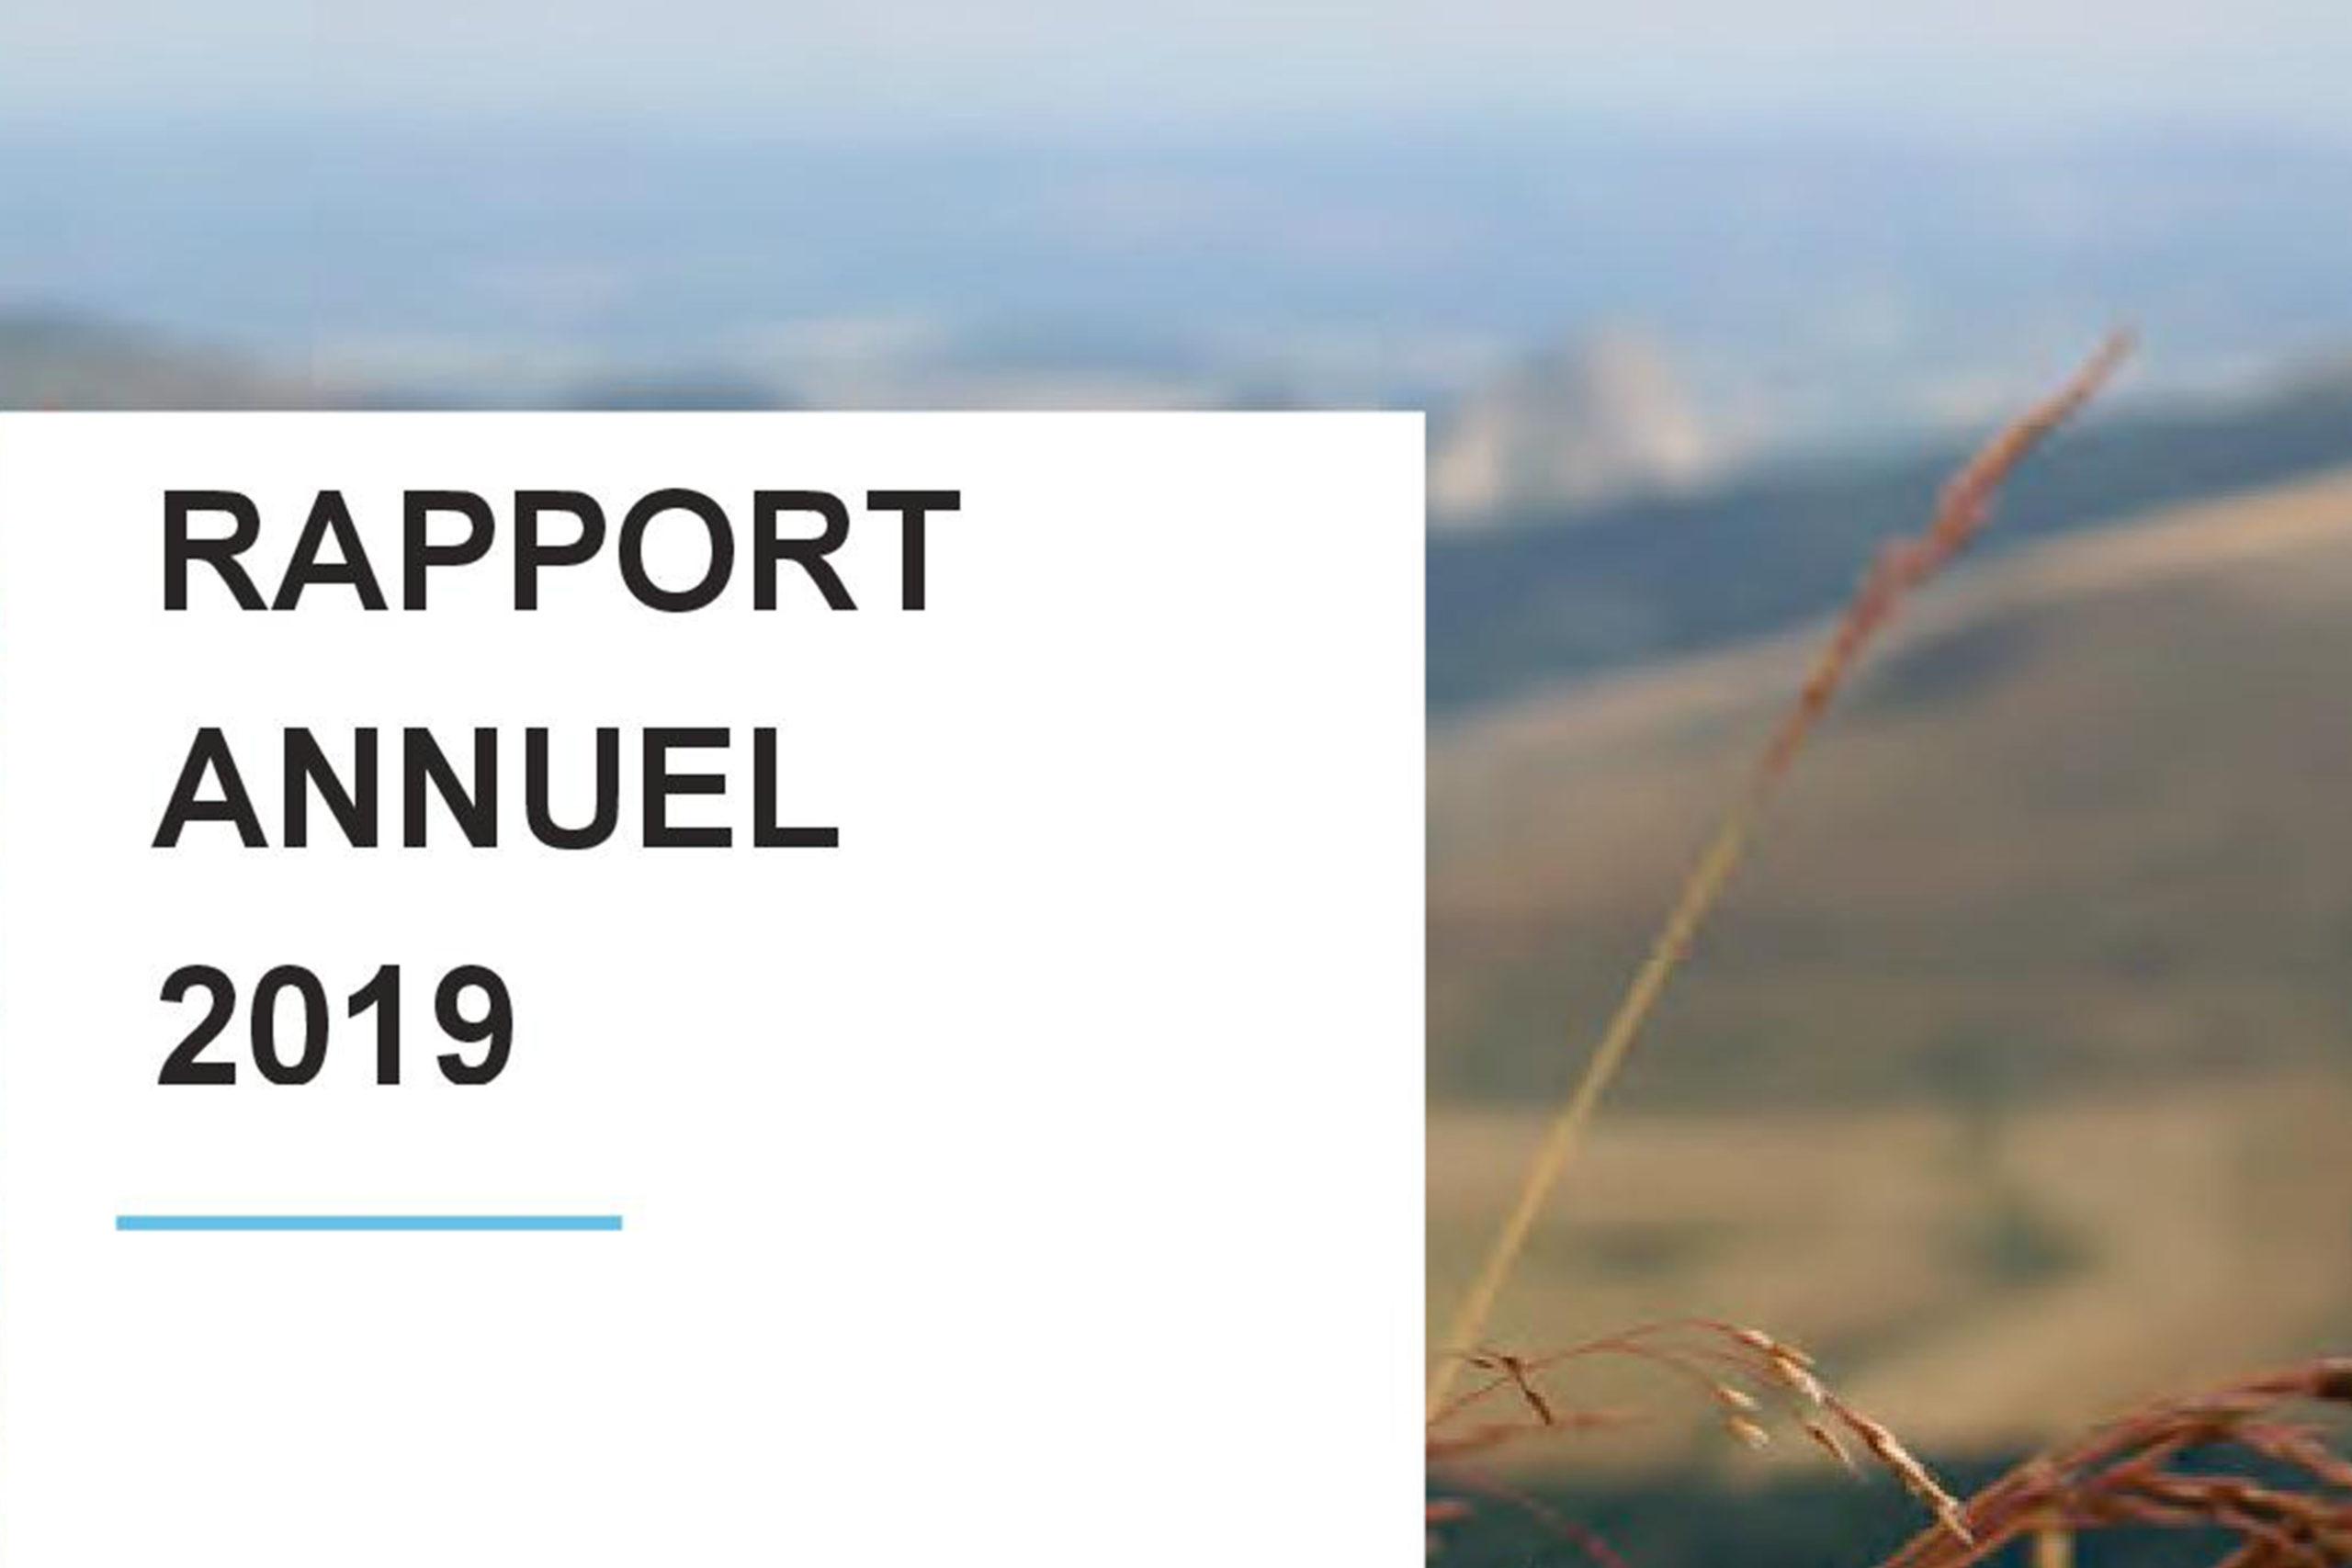 Rapport annuel 2019 du Pôle Bio Massif Central